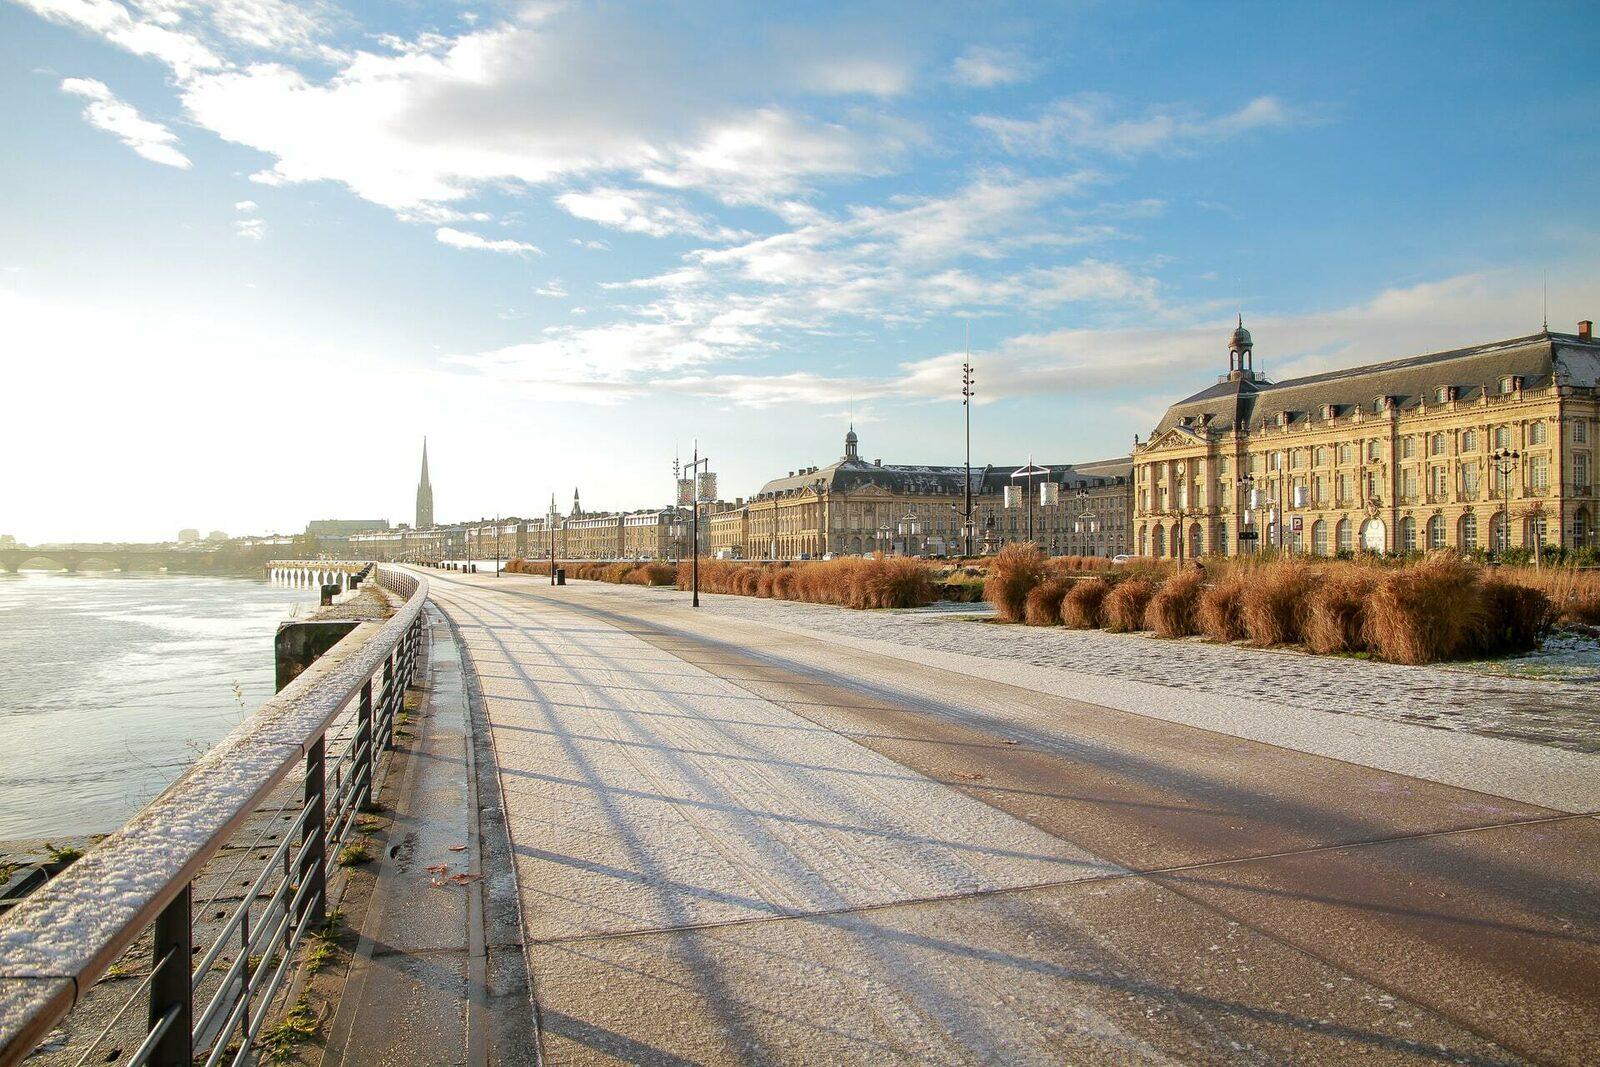 De prachtige triomfboog van Bordeaux, een toeristische trekpleister in de stad.